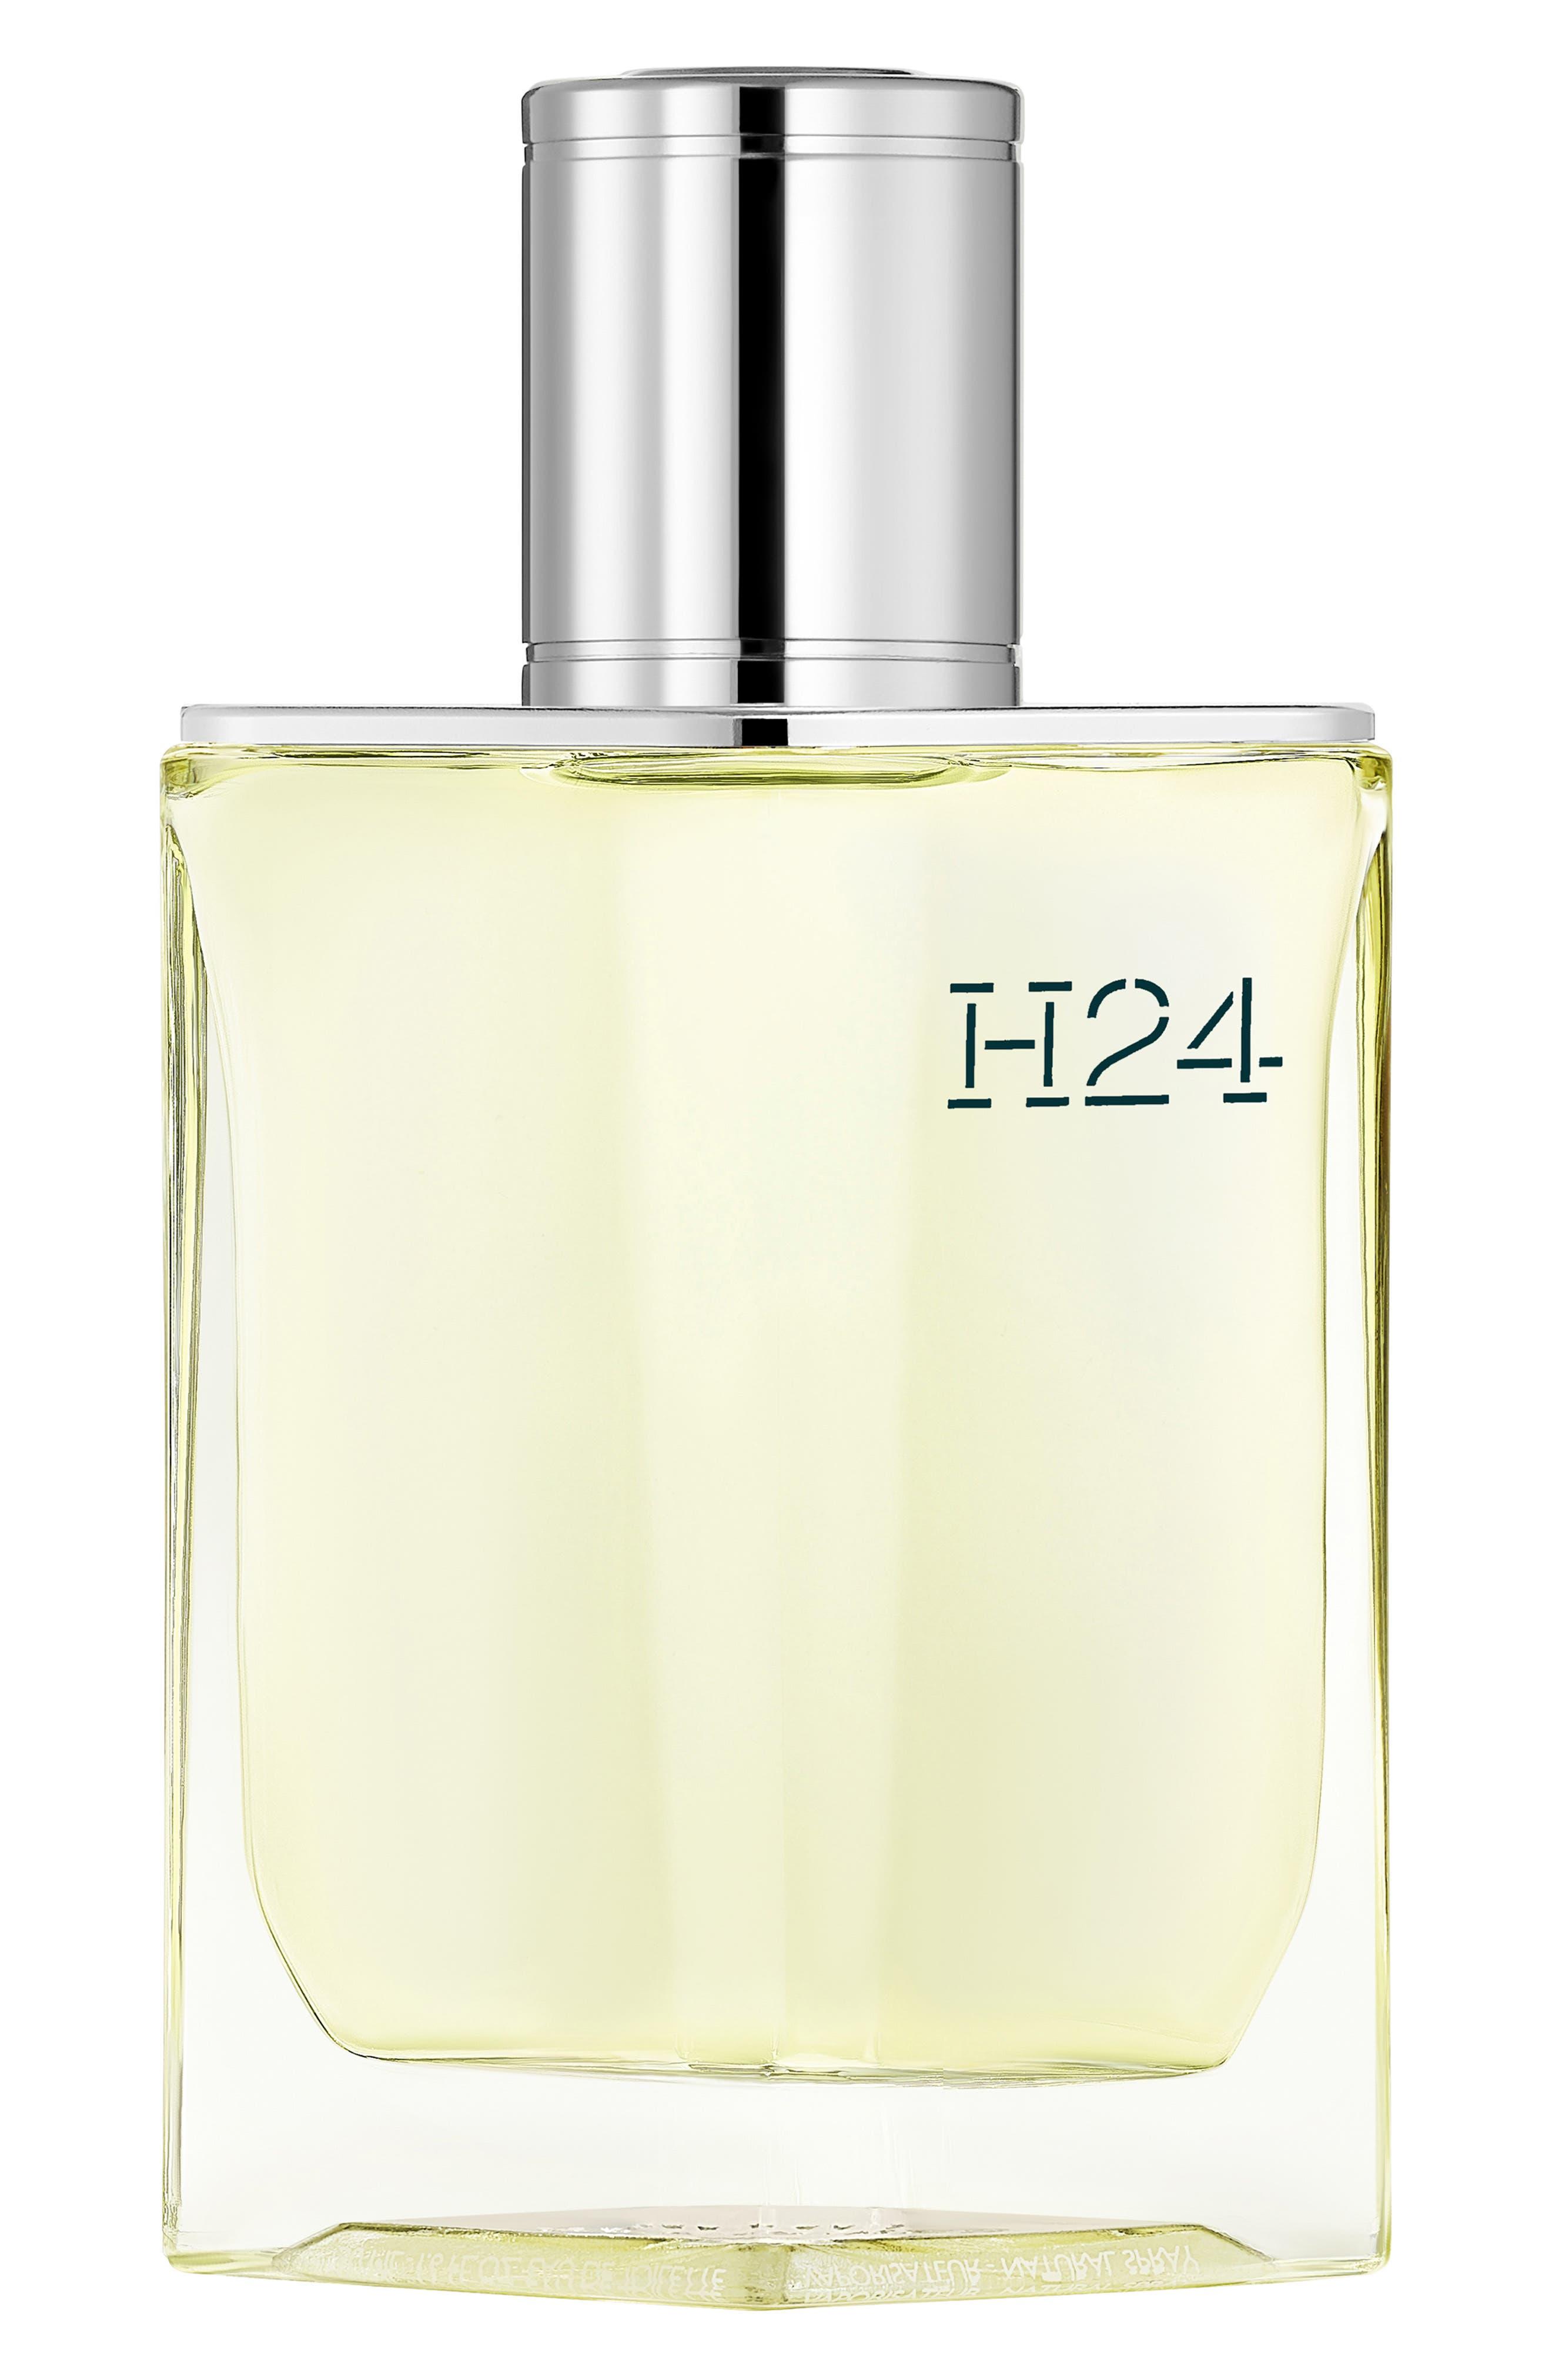 Hermes H24 Eau De Toilette